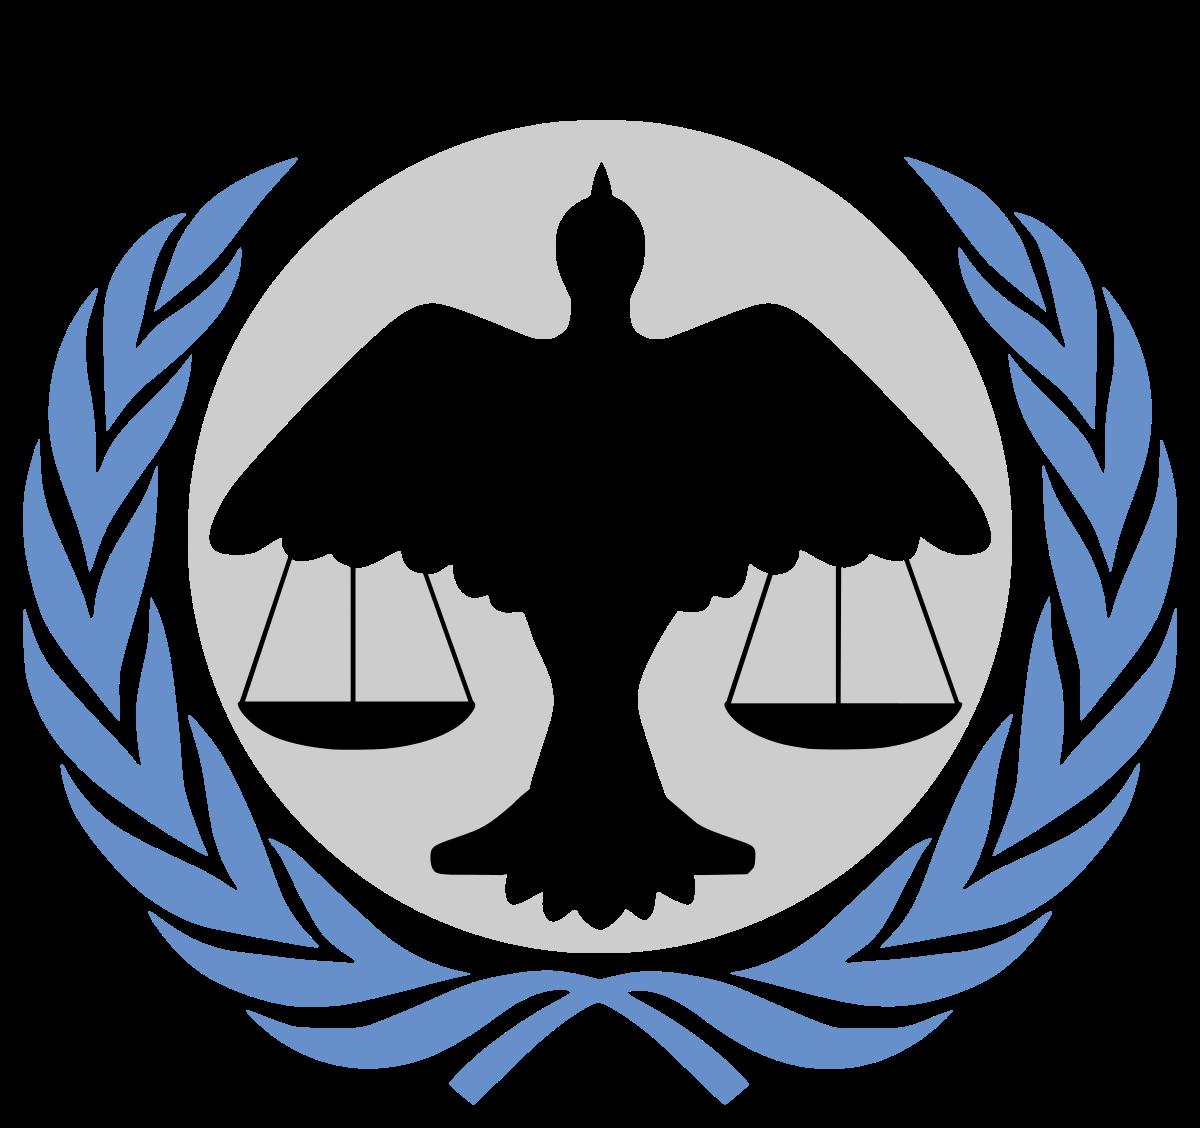 Logo Tribunale penale internazionale per il Ruanda - ICTR